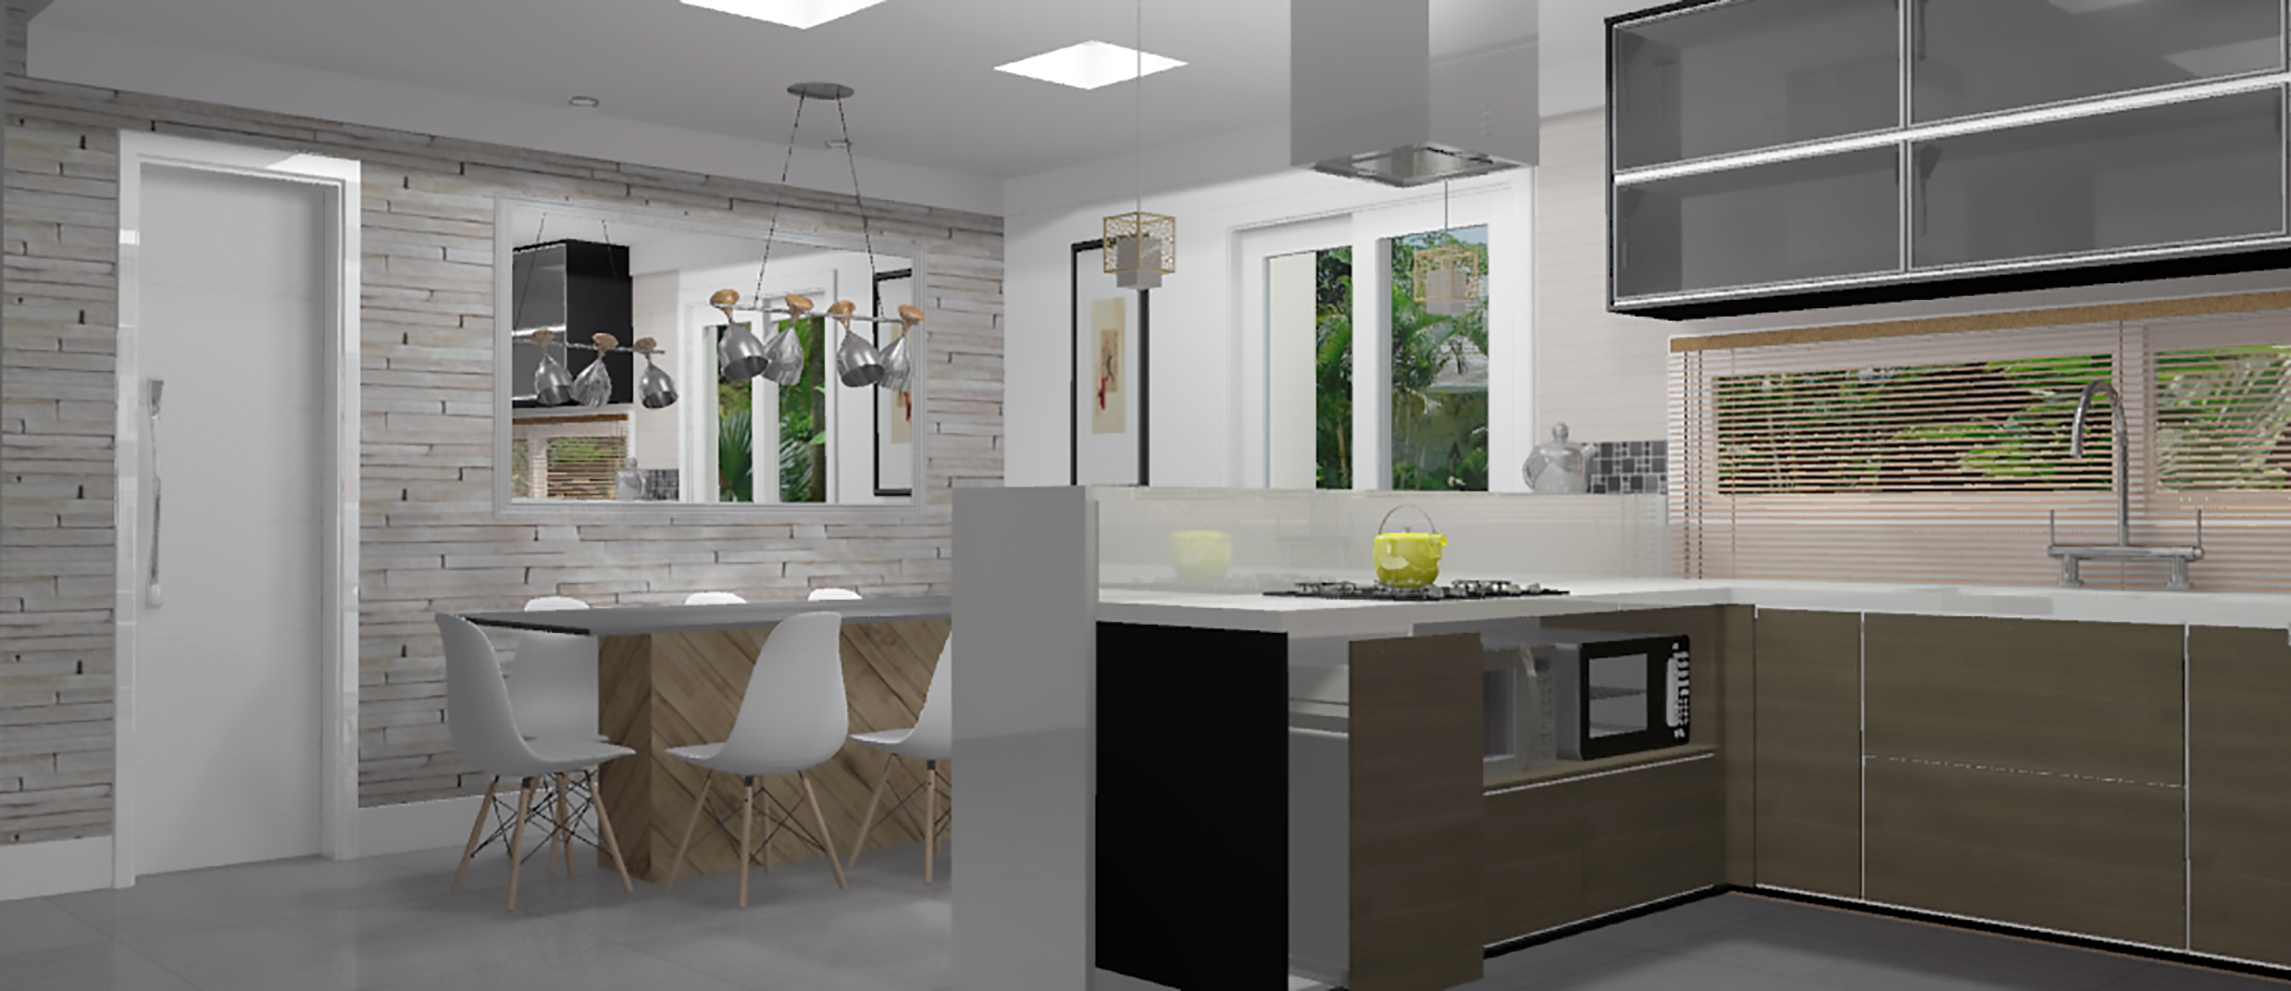 de cozinha planejada cozinha pequena planejada projetos de cozinhas  #4B603D 2291 991